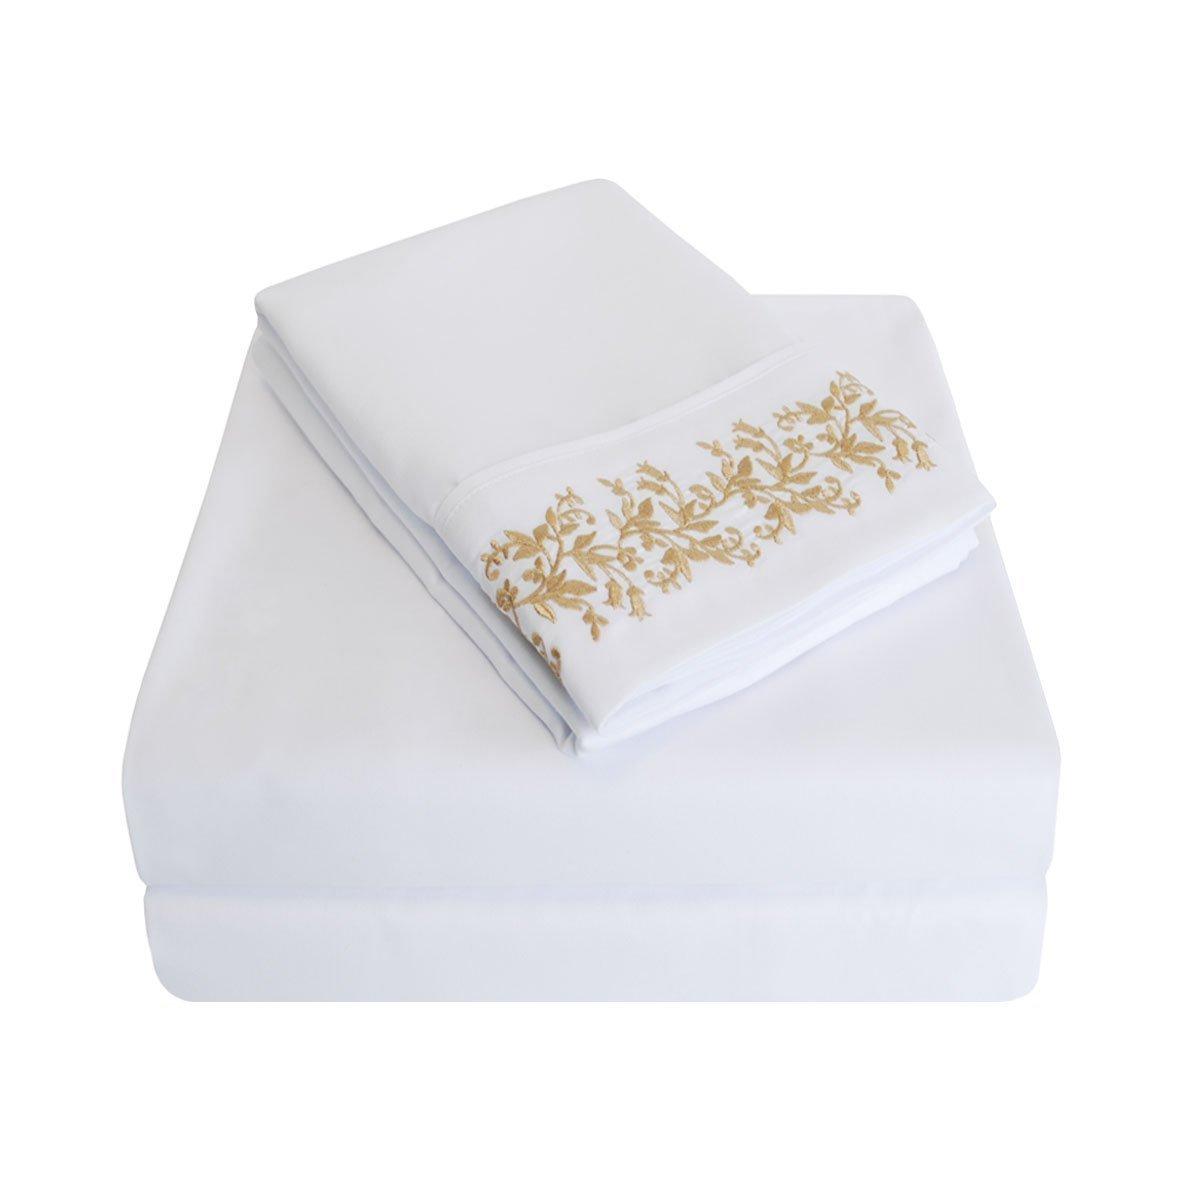 Superior 3000 Serie Super suave y resistente a las arrugas juego de cama juego de sábanas de microfibra con encaje de flores bordado fundas de almohada en ...